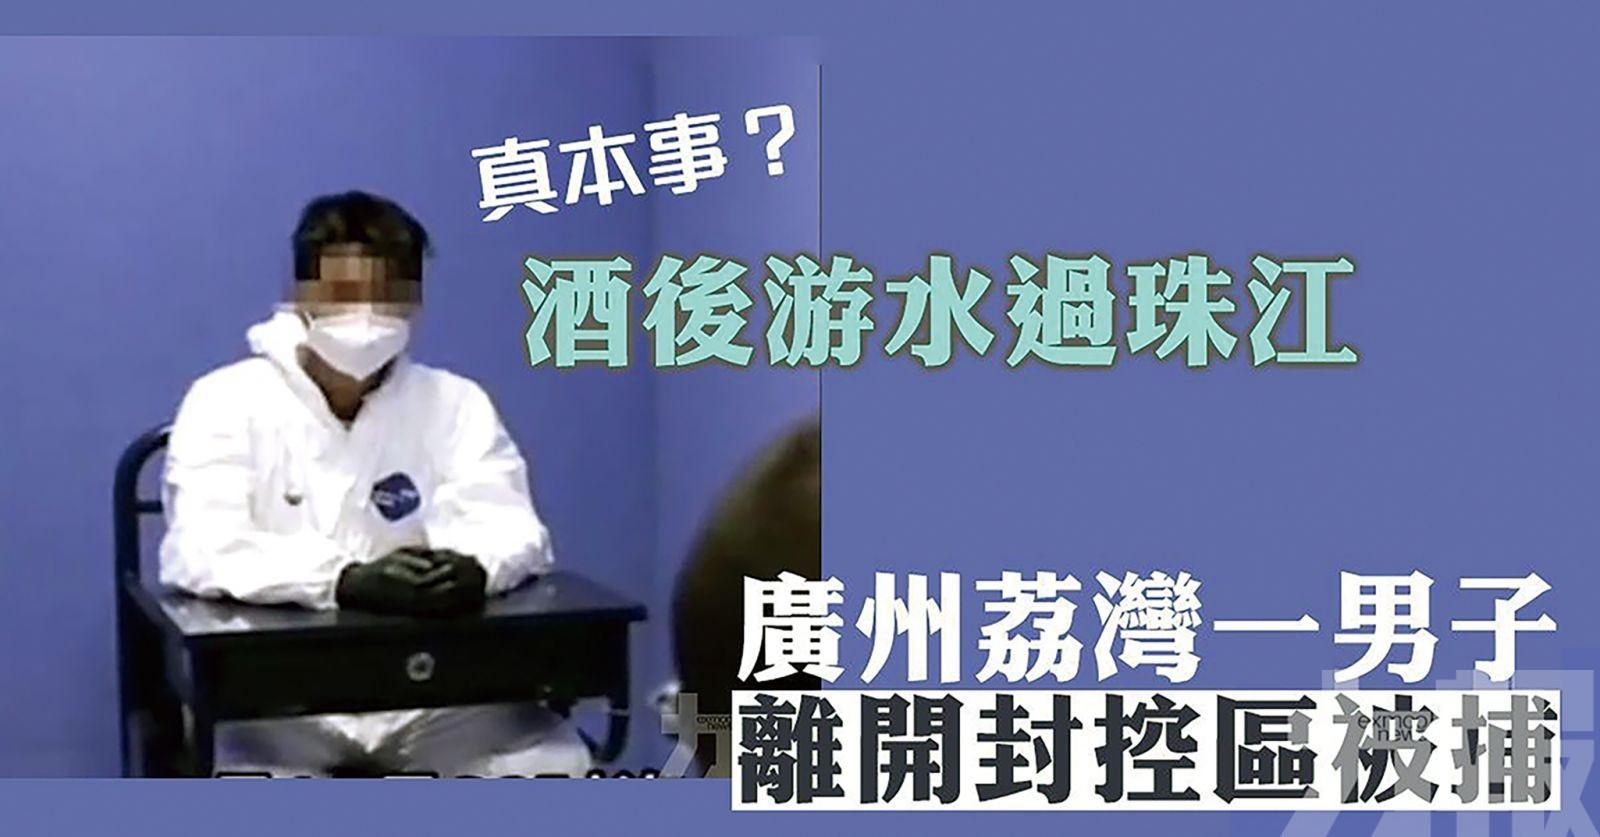 廣州荔灣一男子離開封控區被捕